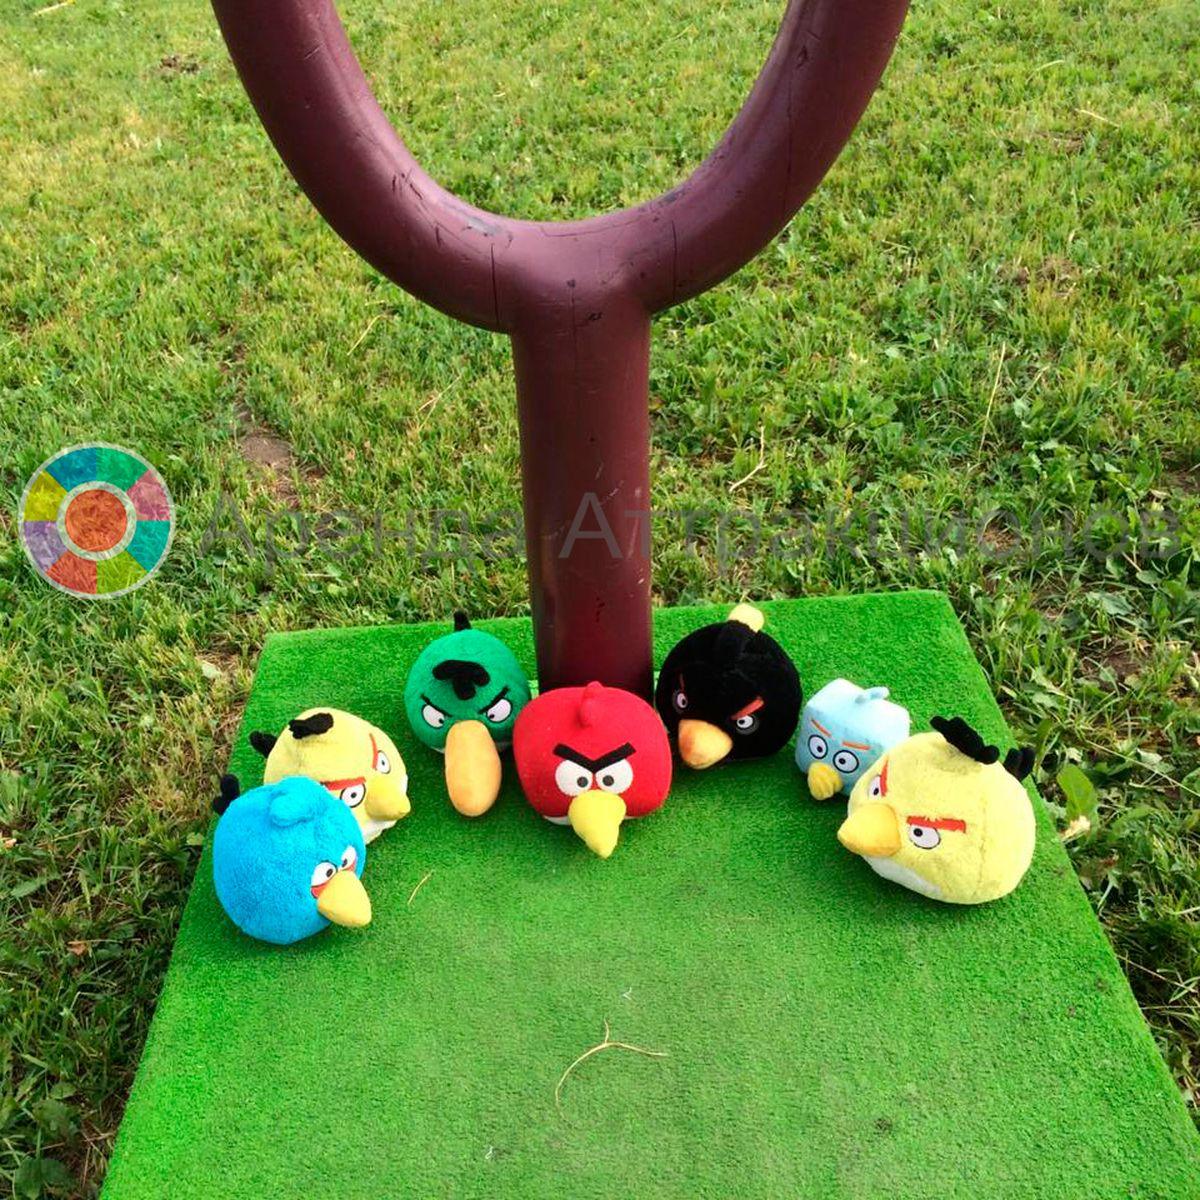 Аренда игры Angry Birds на мероприятие